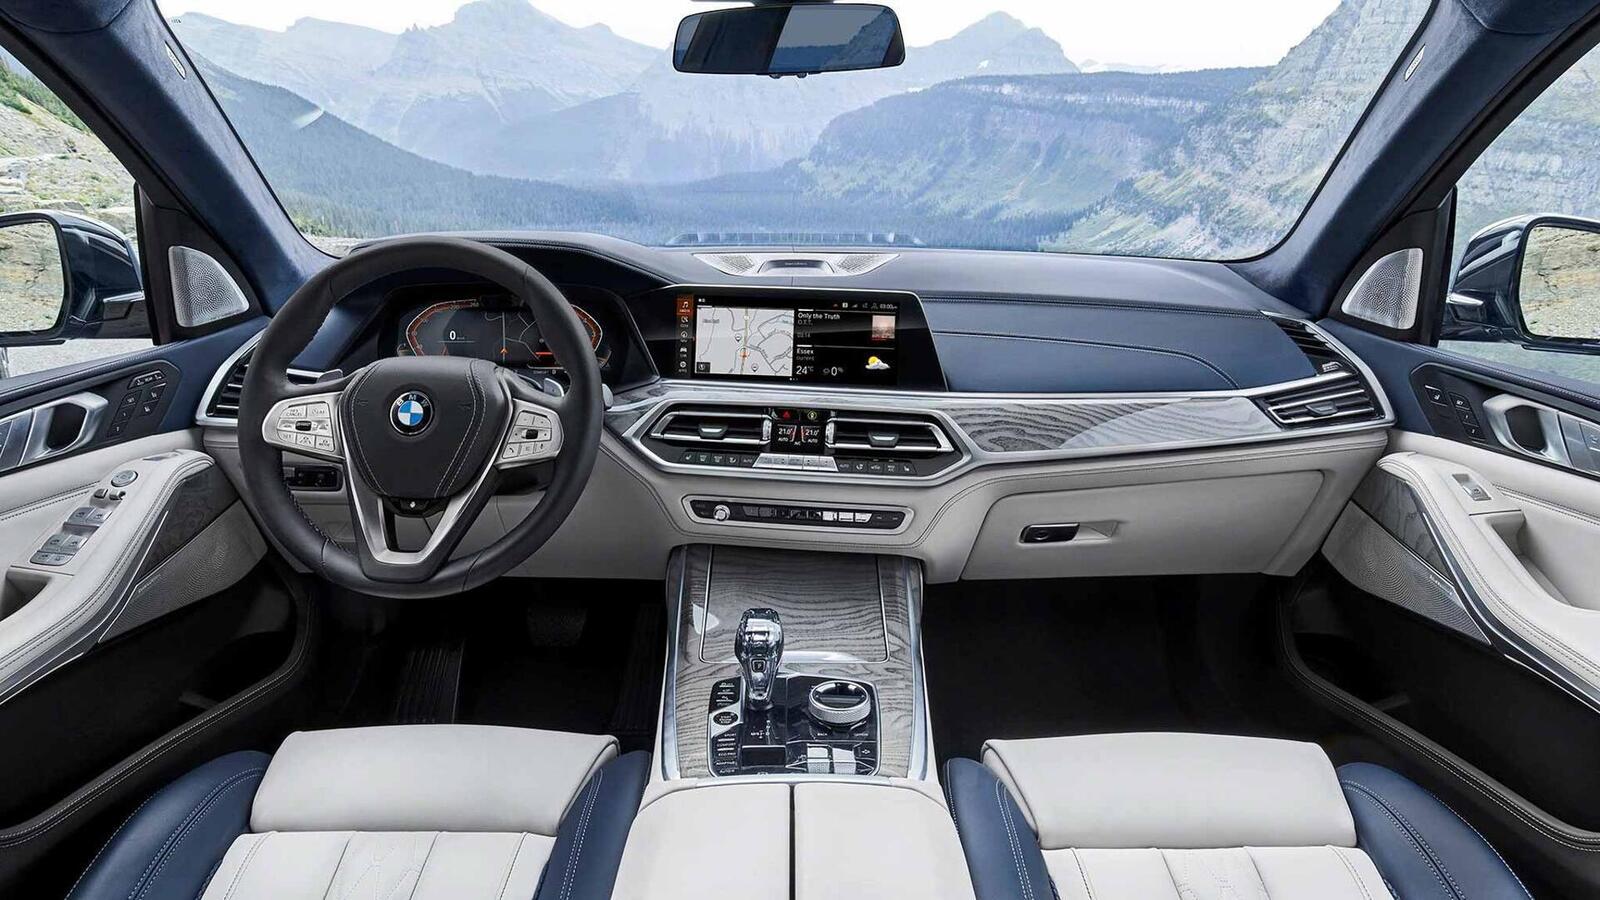 BMW X7 sắp bán tại Thái Lan; bản máy dầu M50d có giá 6,5 tỷ đồng - Hình 4